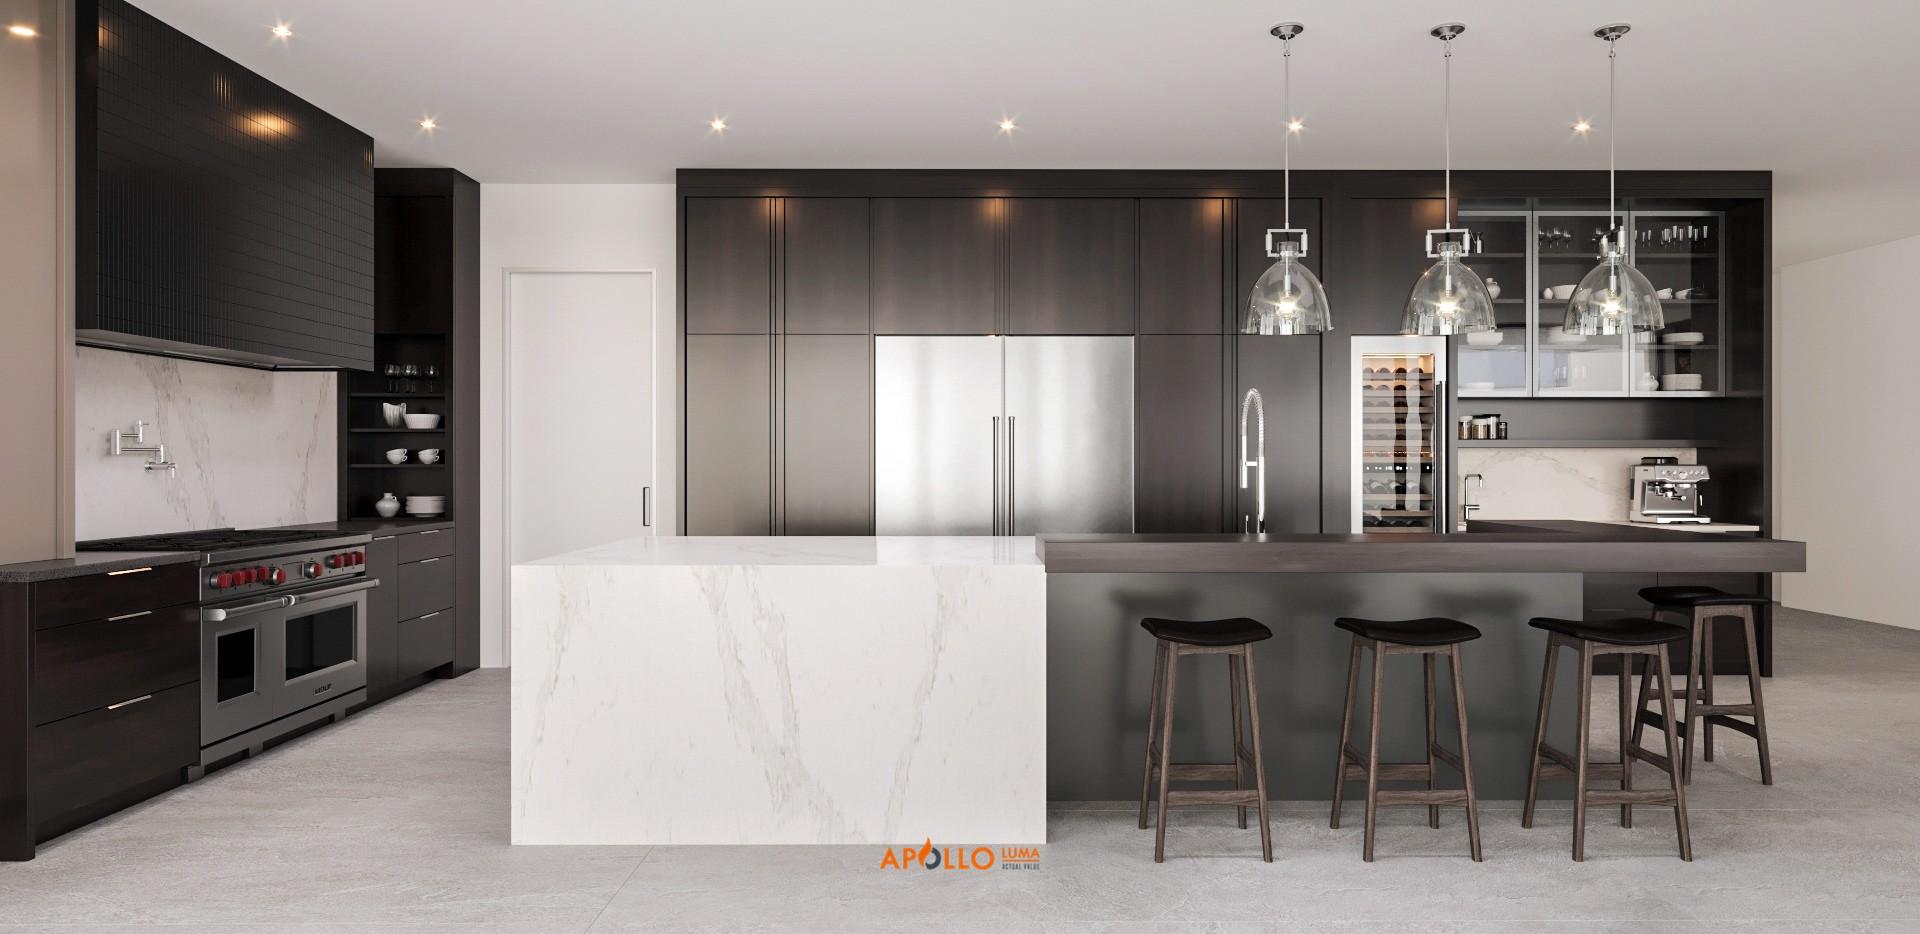 Thiết kế phòng bếp có bàn Bar biệt thự nhà vườn tại Hưng Yên